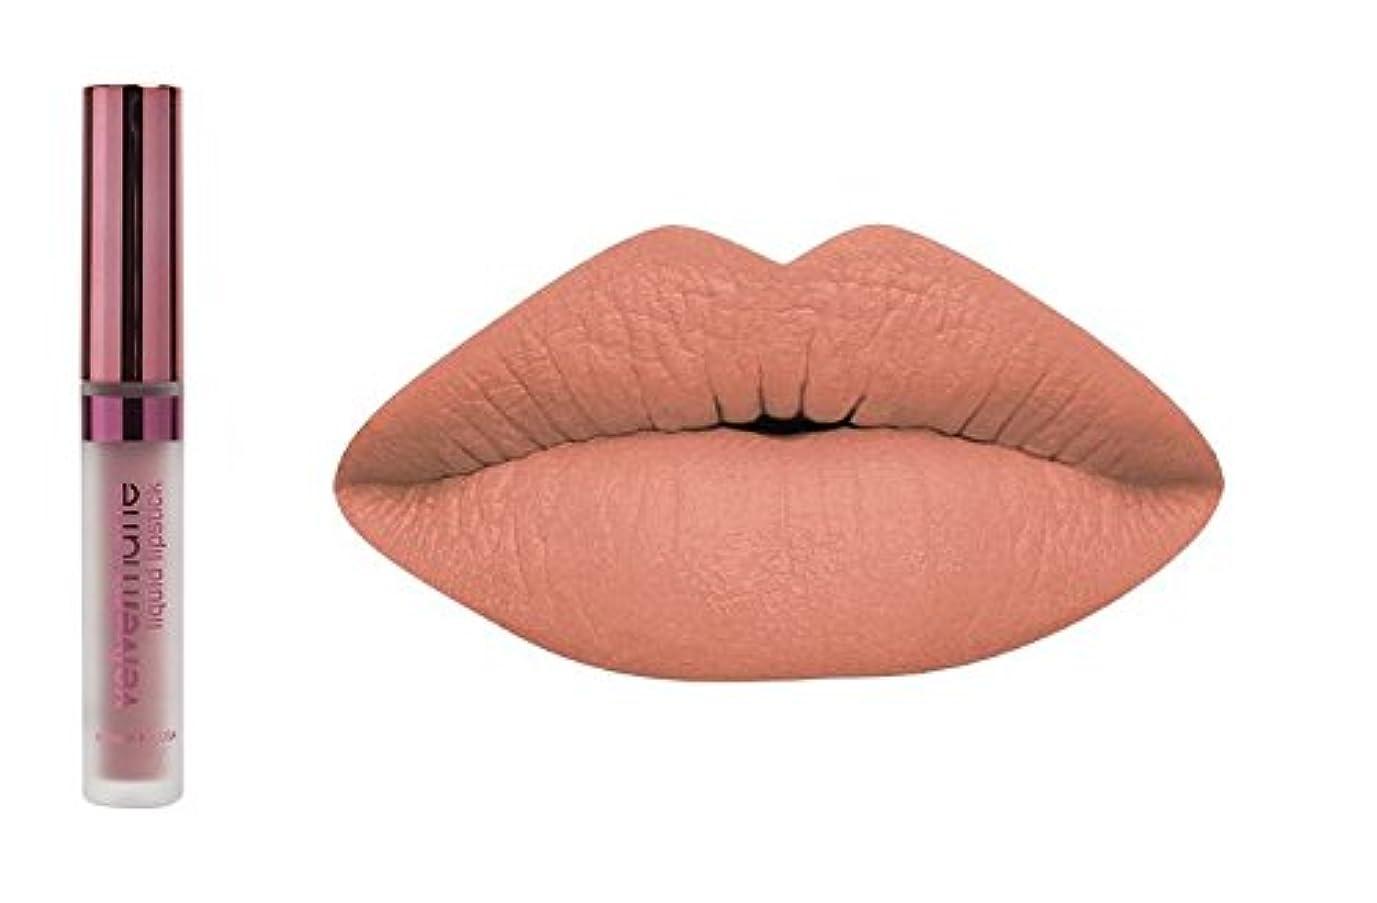 品種行商所有権LA Splash LA-スプラッシュ化粧品ビロードマットリキッド口紅 キャラメルblondies